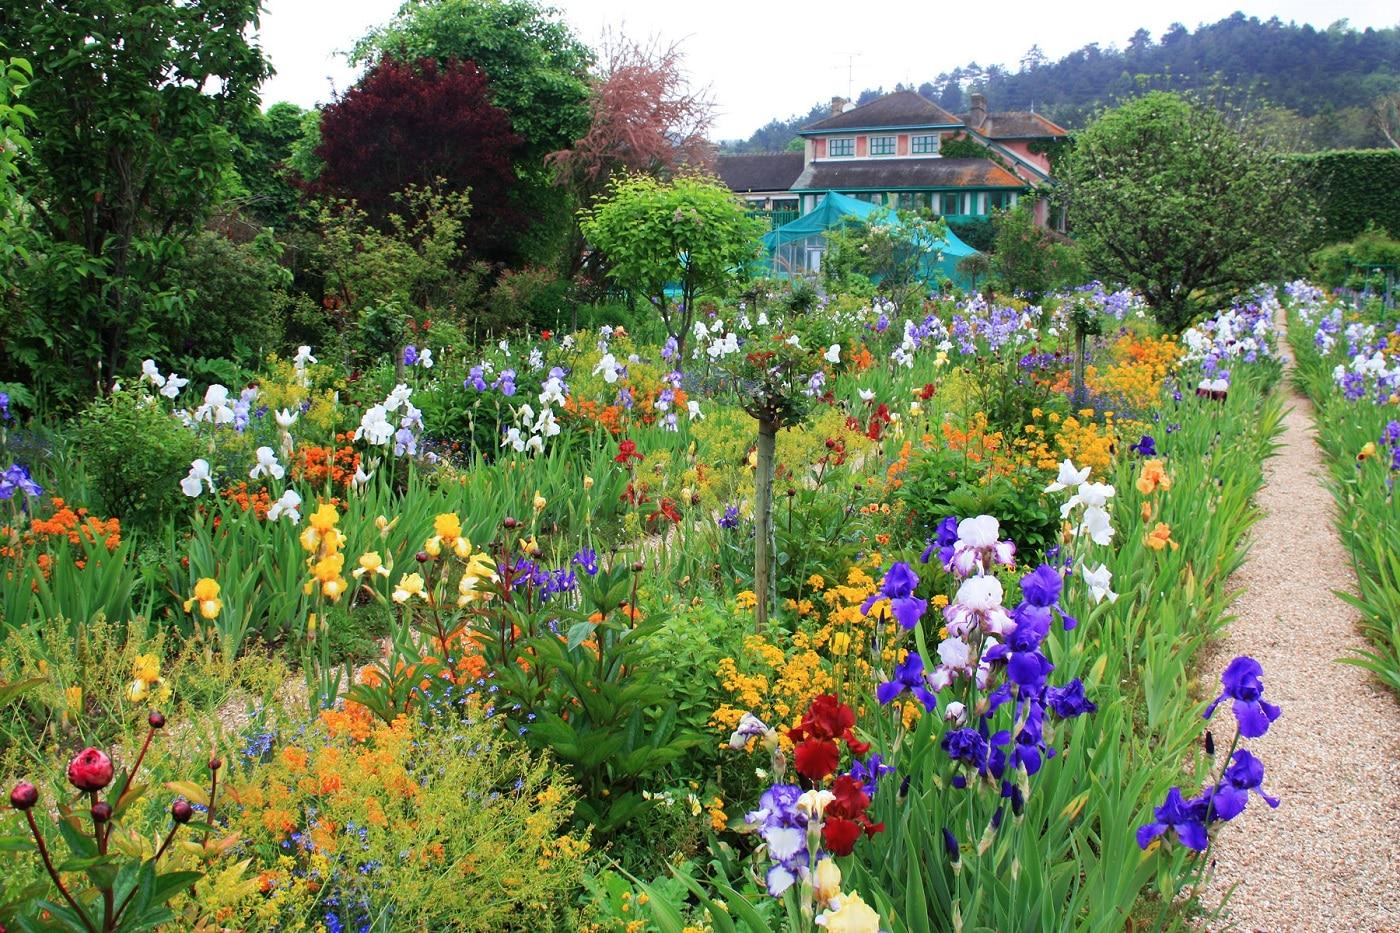 Grădinile colorate din Giverny